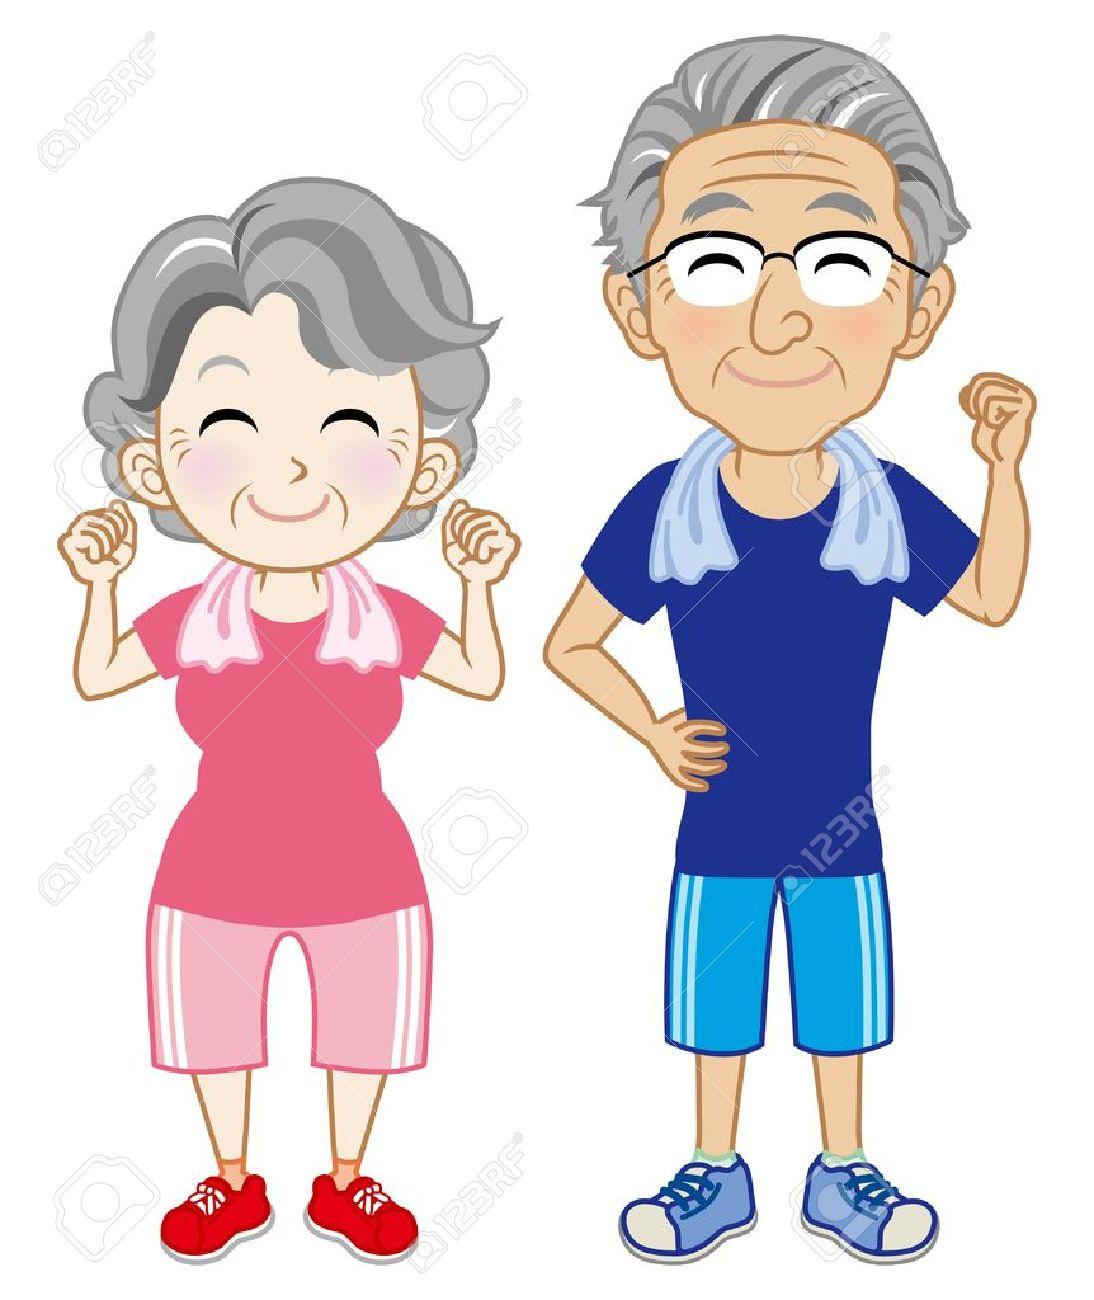 Chair exercise for seniors - Chair Exercises For Elderly Senior Exercise Senior Couple Wearing Short Sleeves Sportswear